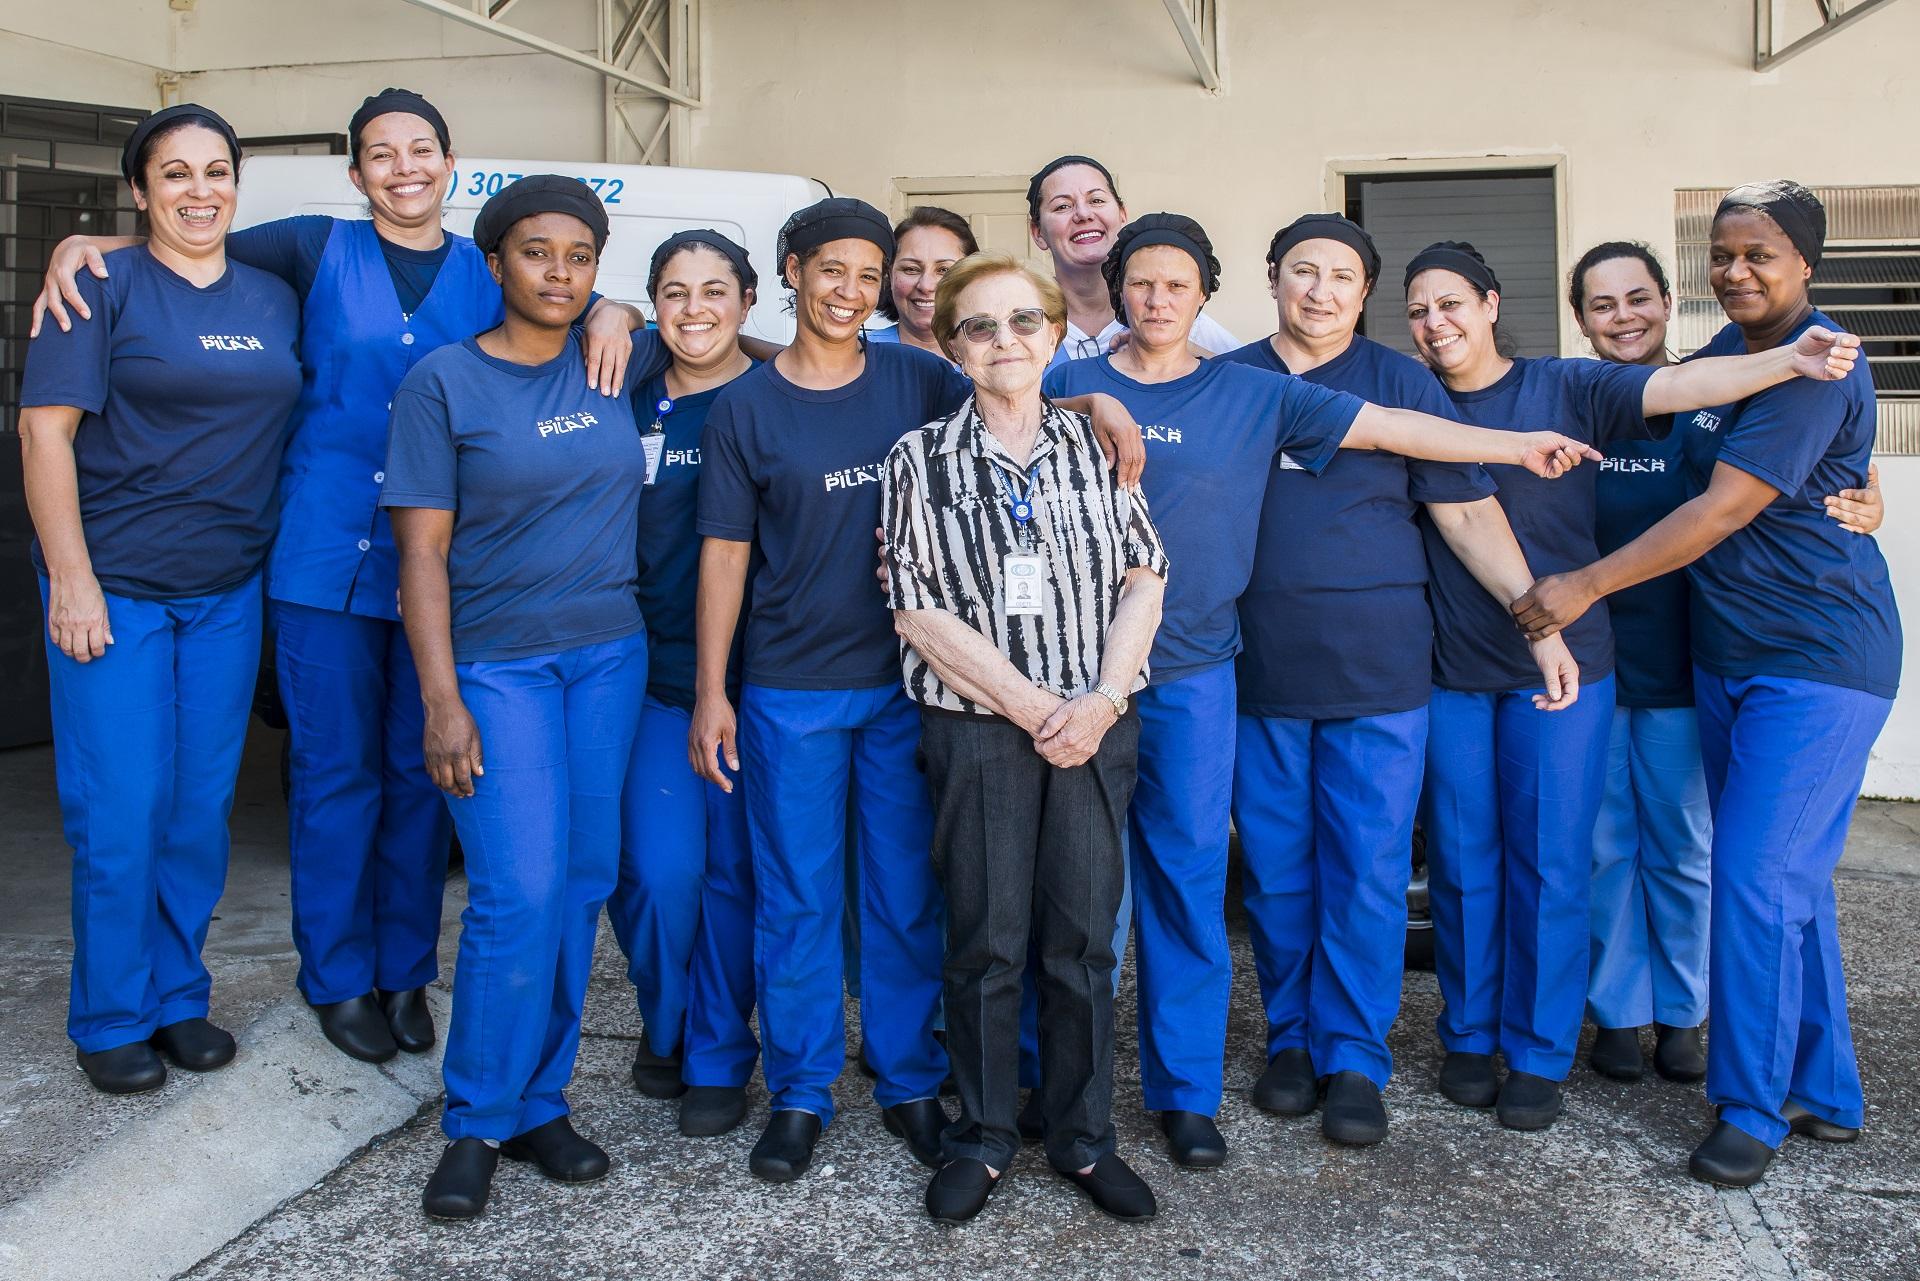 Odete e a equipe com quem divide seus dias de trabalho no hospital. Foto: Letícia Akemi/Gazeta do Povo.